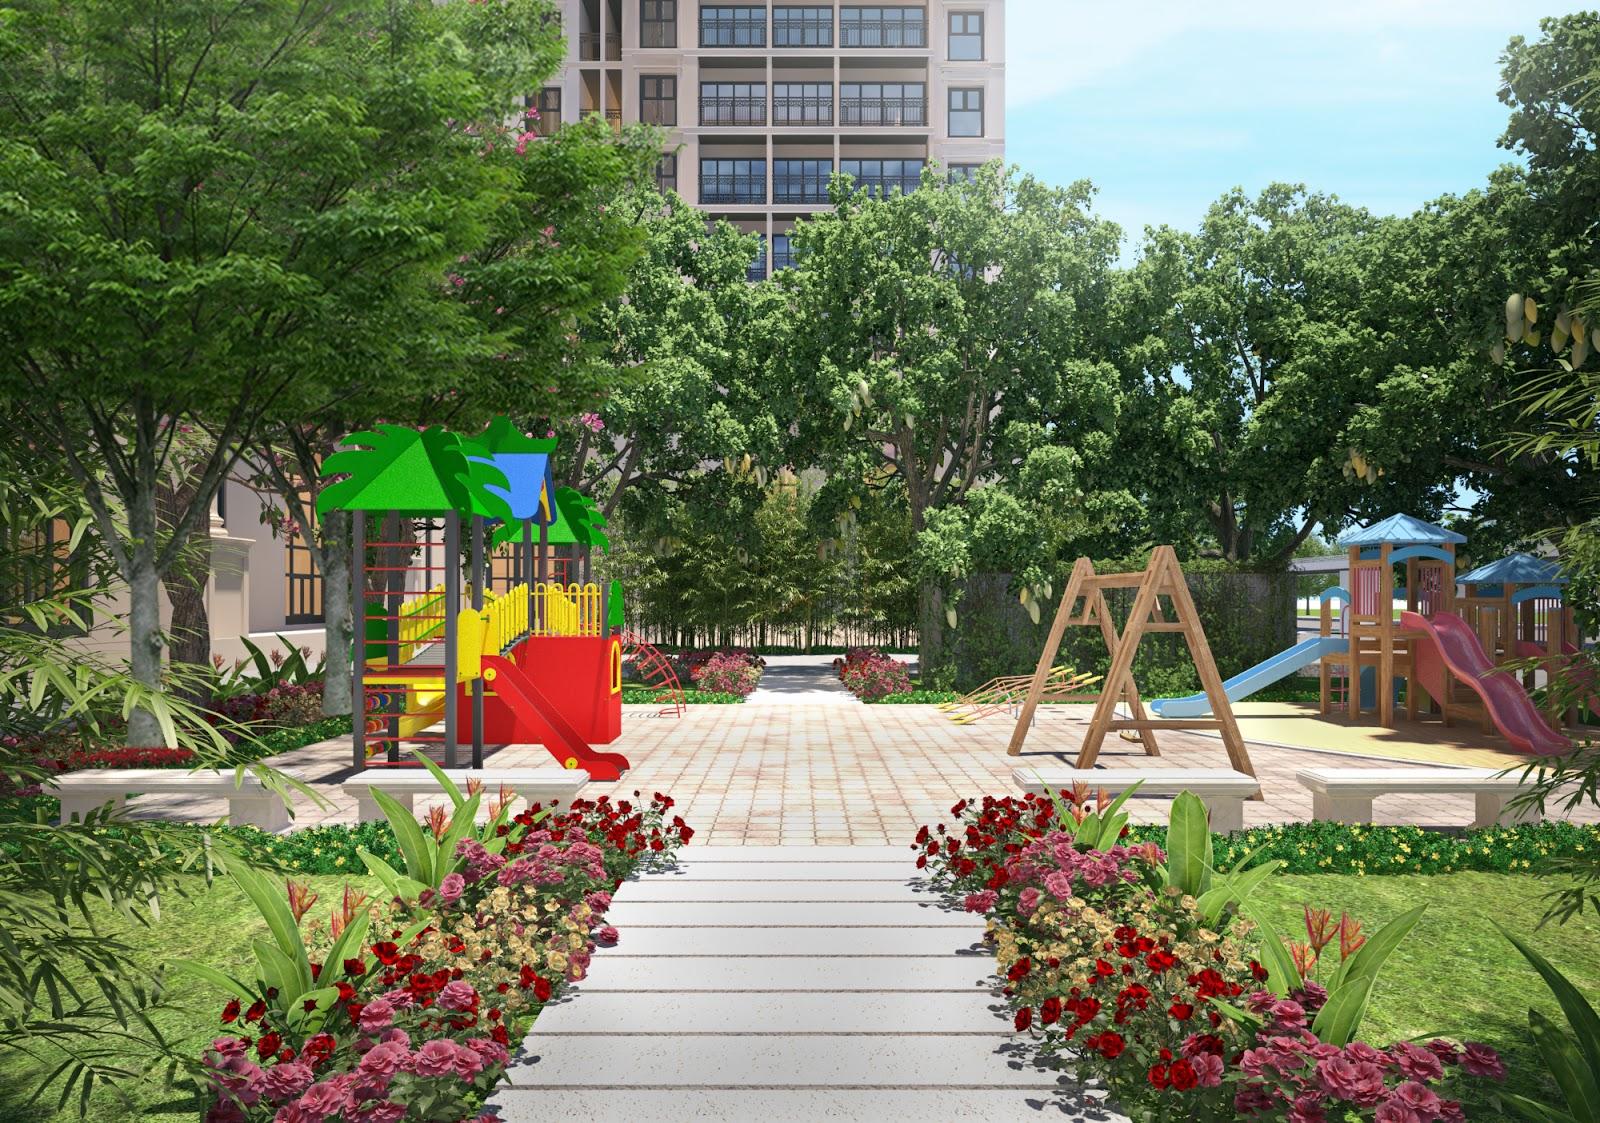 Sân chơi cho trẻ em cũng rợp bóng mát cây xanh